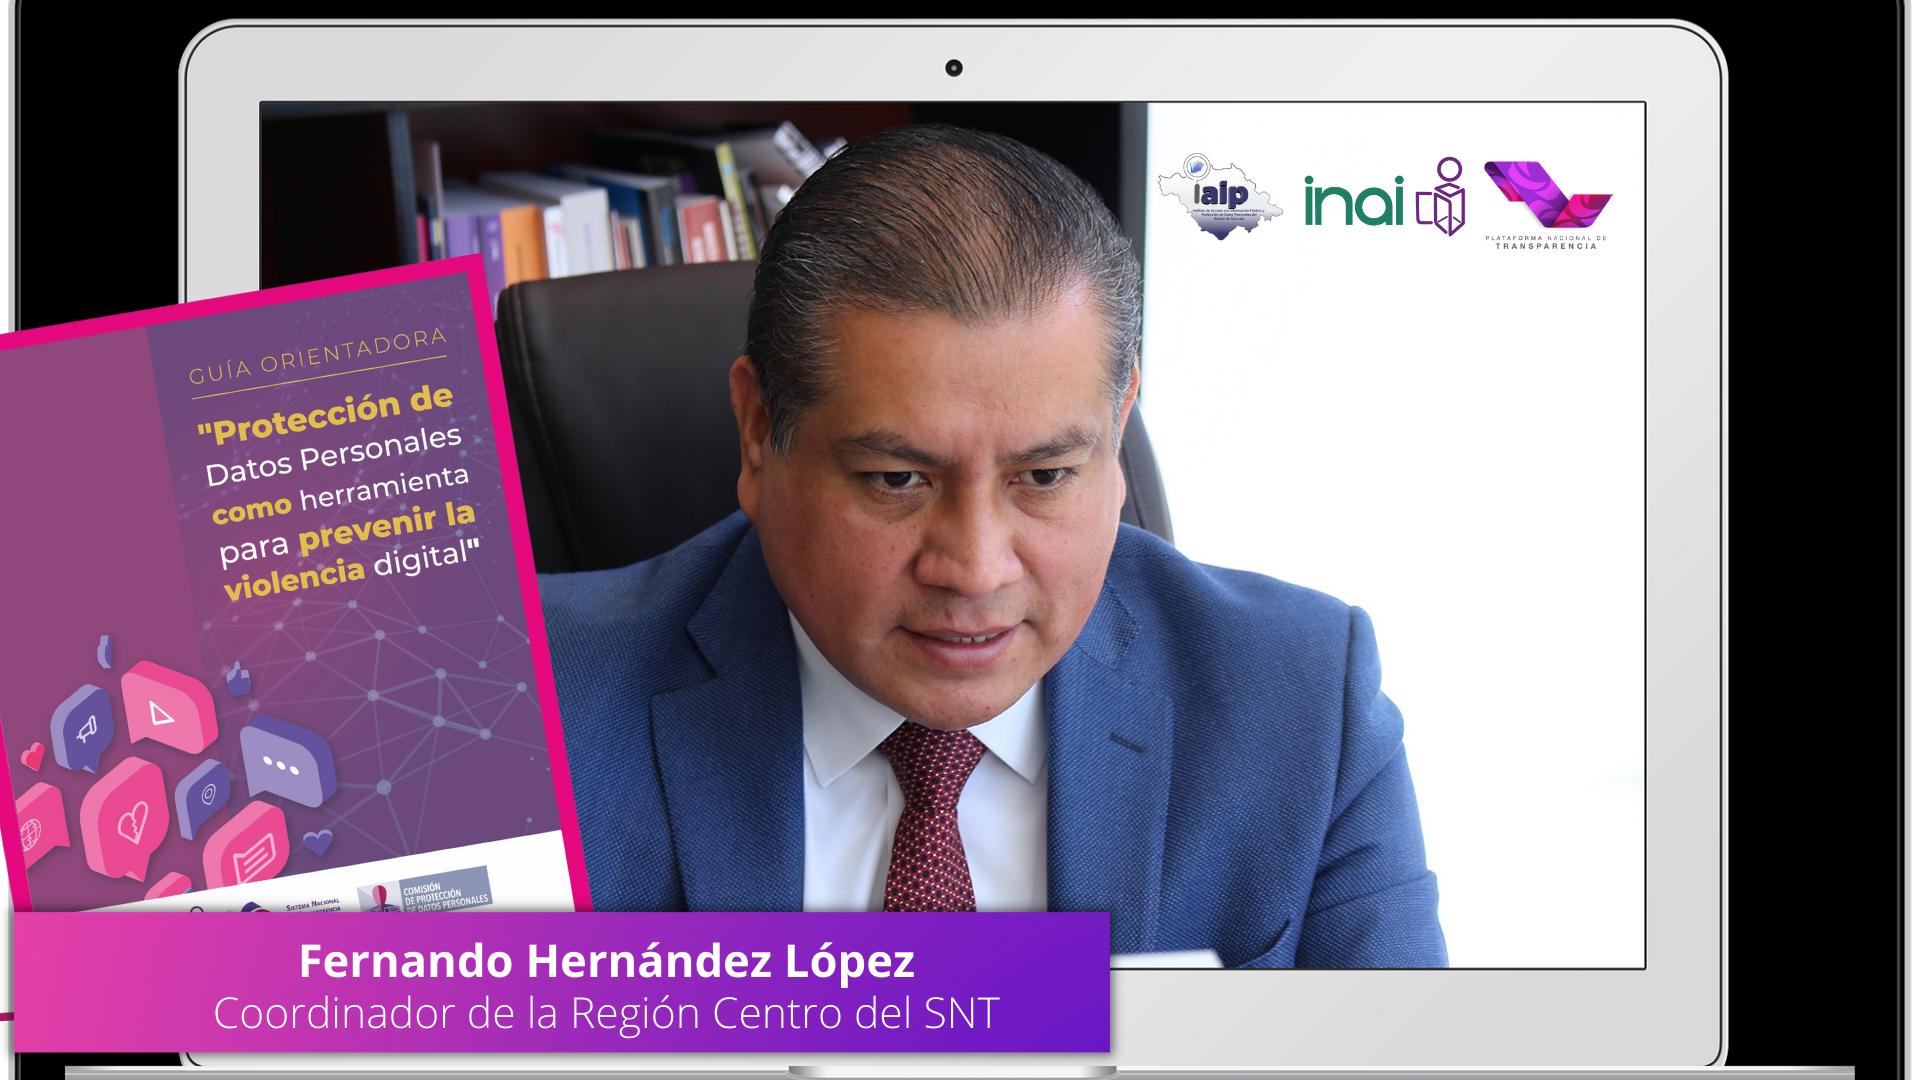 Uso de herramientas digitales, obliga a reforzar la protección de Datos Personales: Fernando Hernández